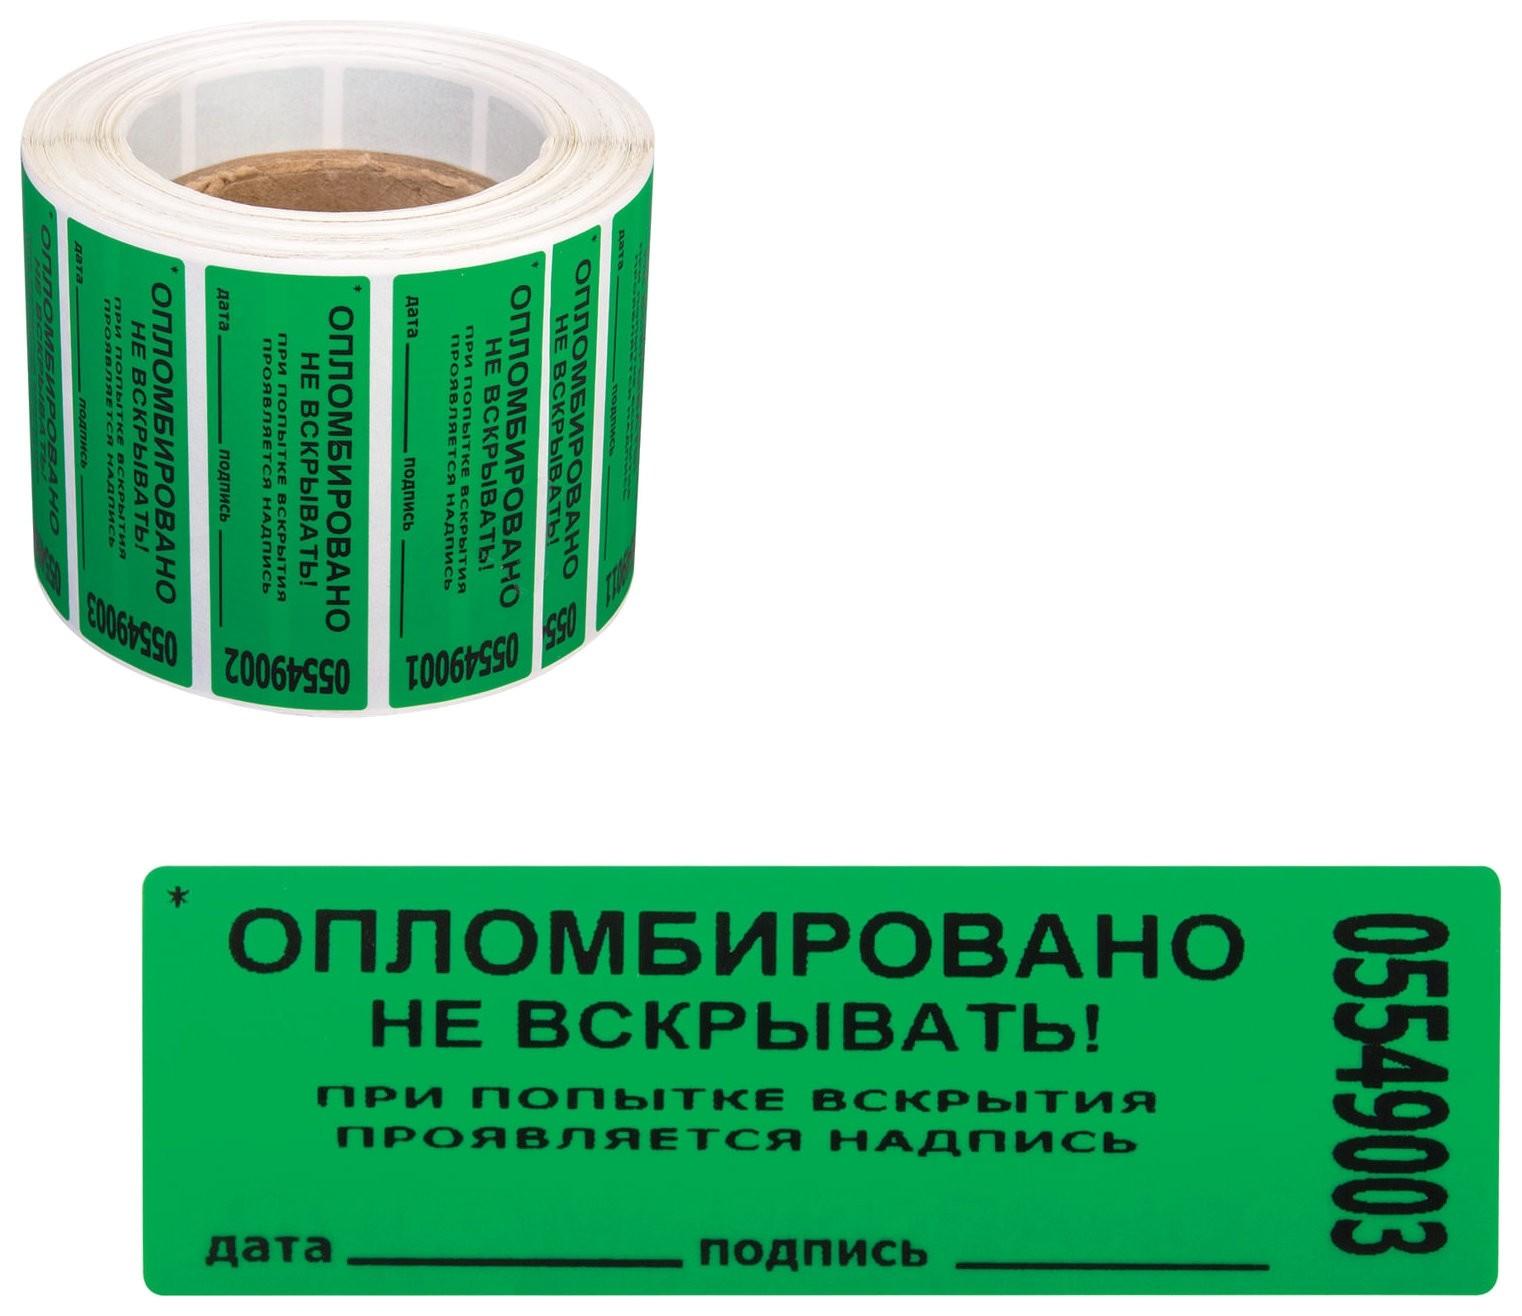 """Пломбы самоклеящиеся номерные """"Новейшие технологии"""", комплект 1000 шт. (рулон), длина 66 мм, ширина 22 мм, зеленые  Новейшие технологии"""